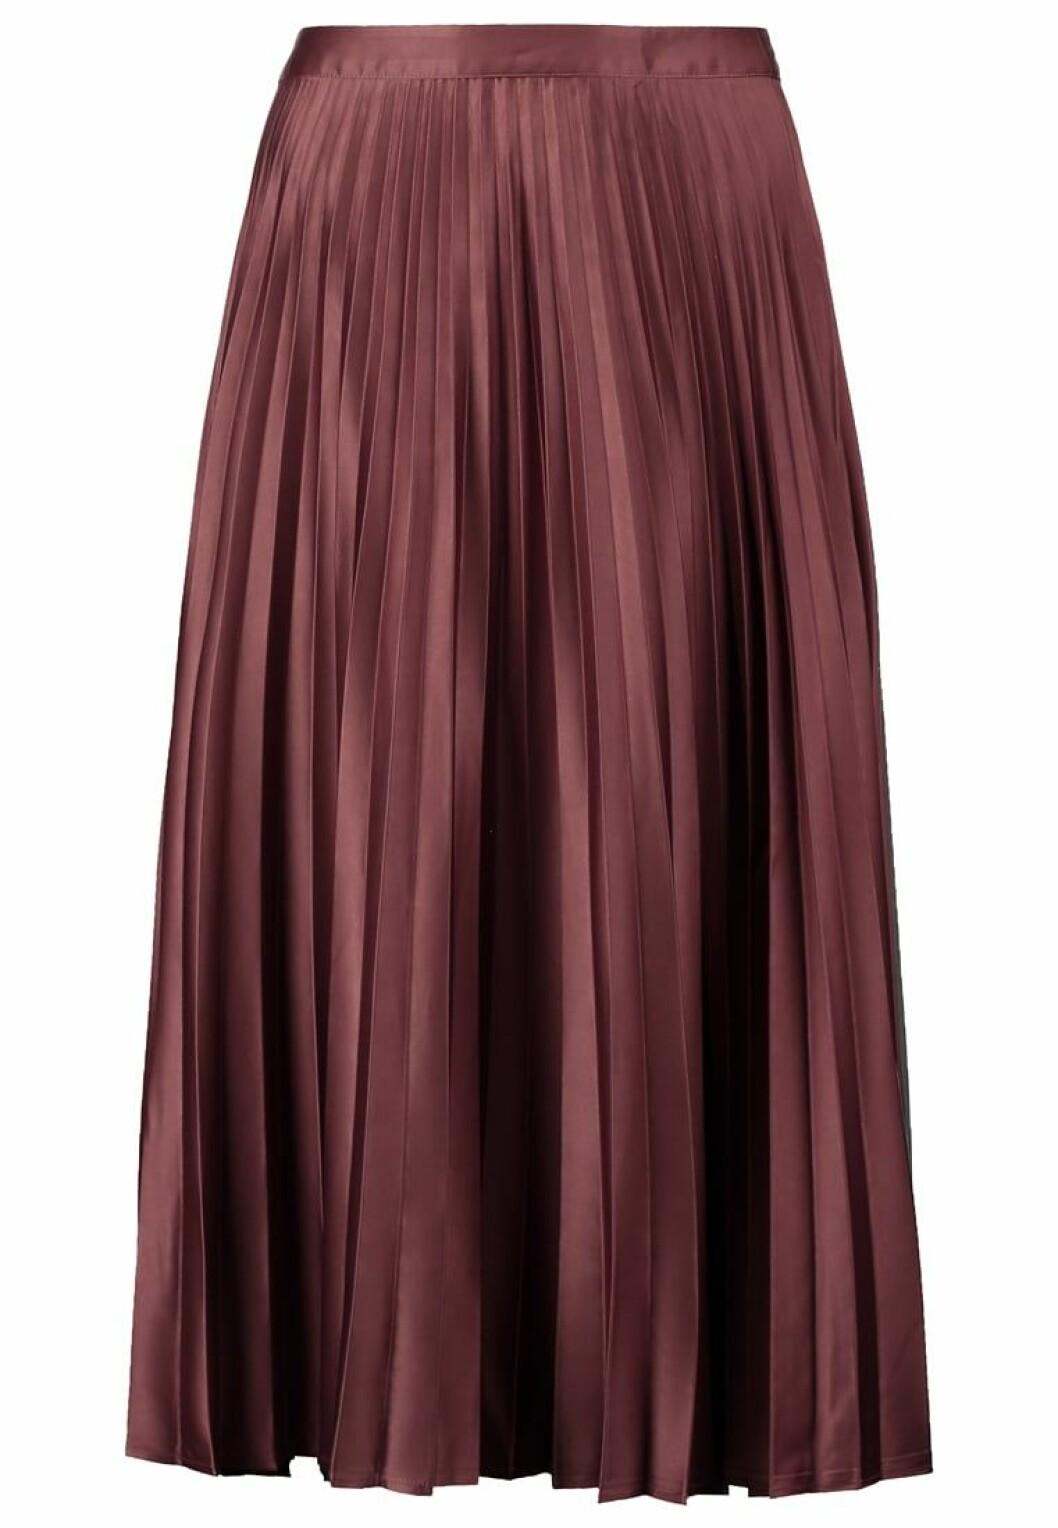 vinröd kjol